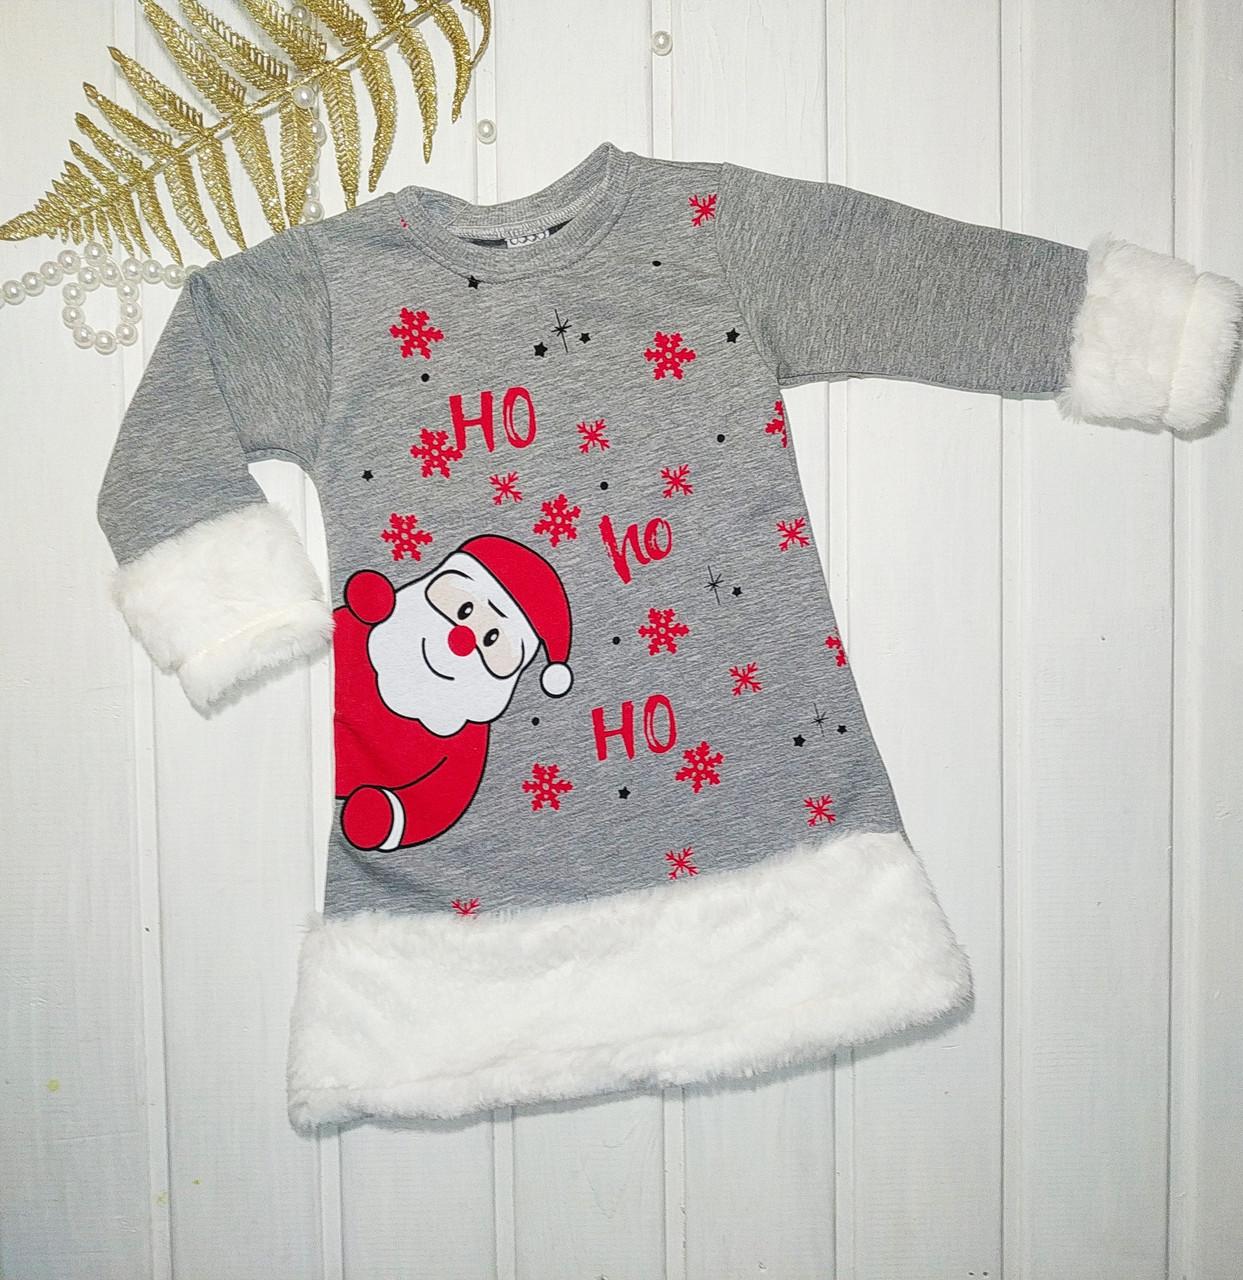 Платье новогоднее для девочки  Размер 92-98